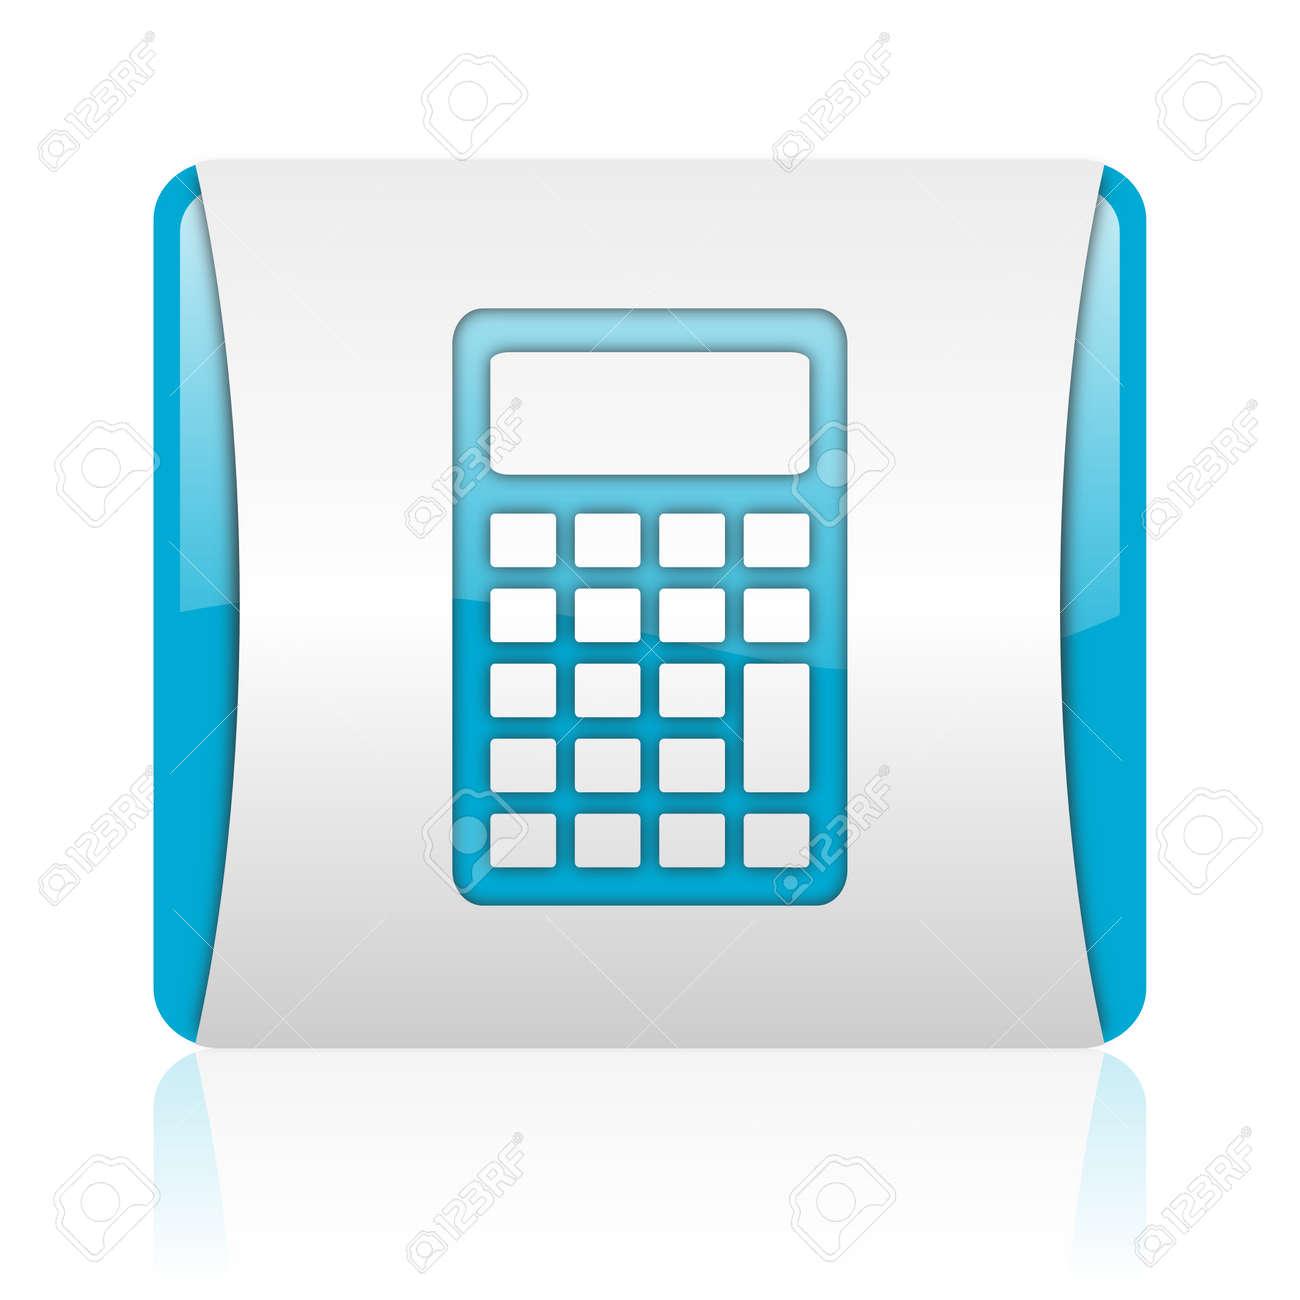 Taschenrechner Blau Und Weiß Square Web Glossy Icon Lizenzfreie